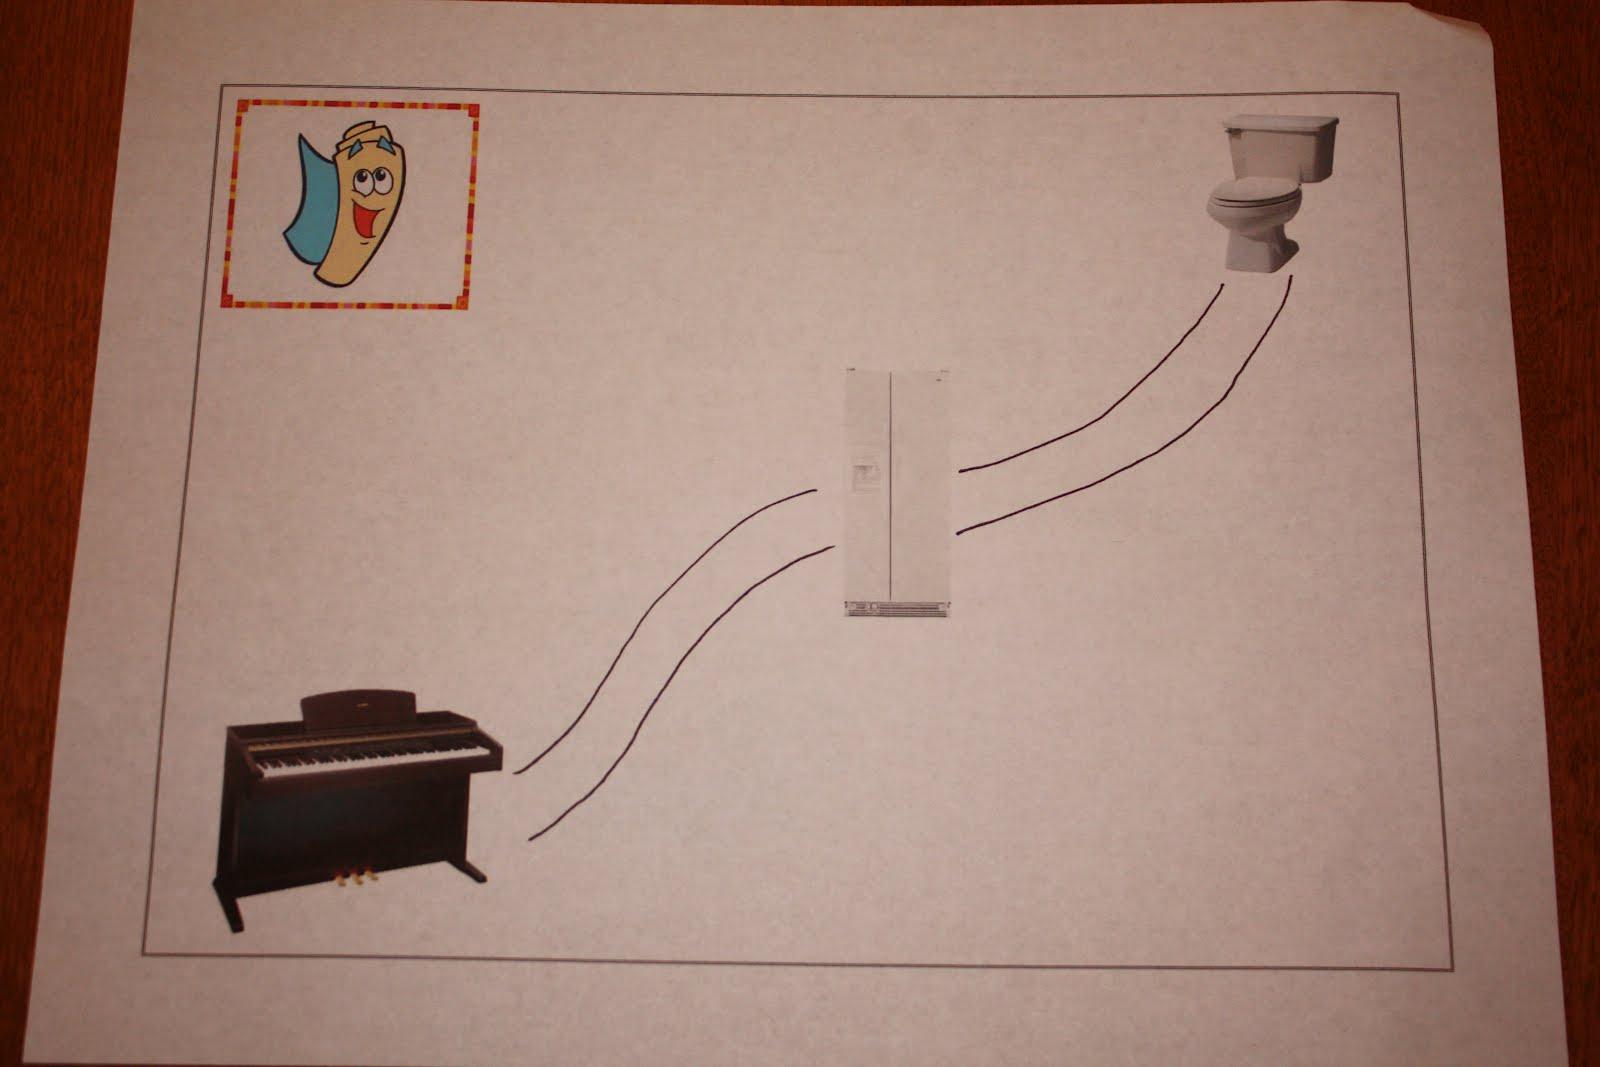 Dora map template car interior design for Dora the explorer map template